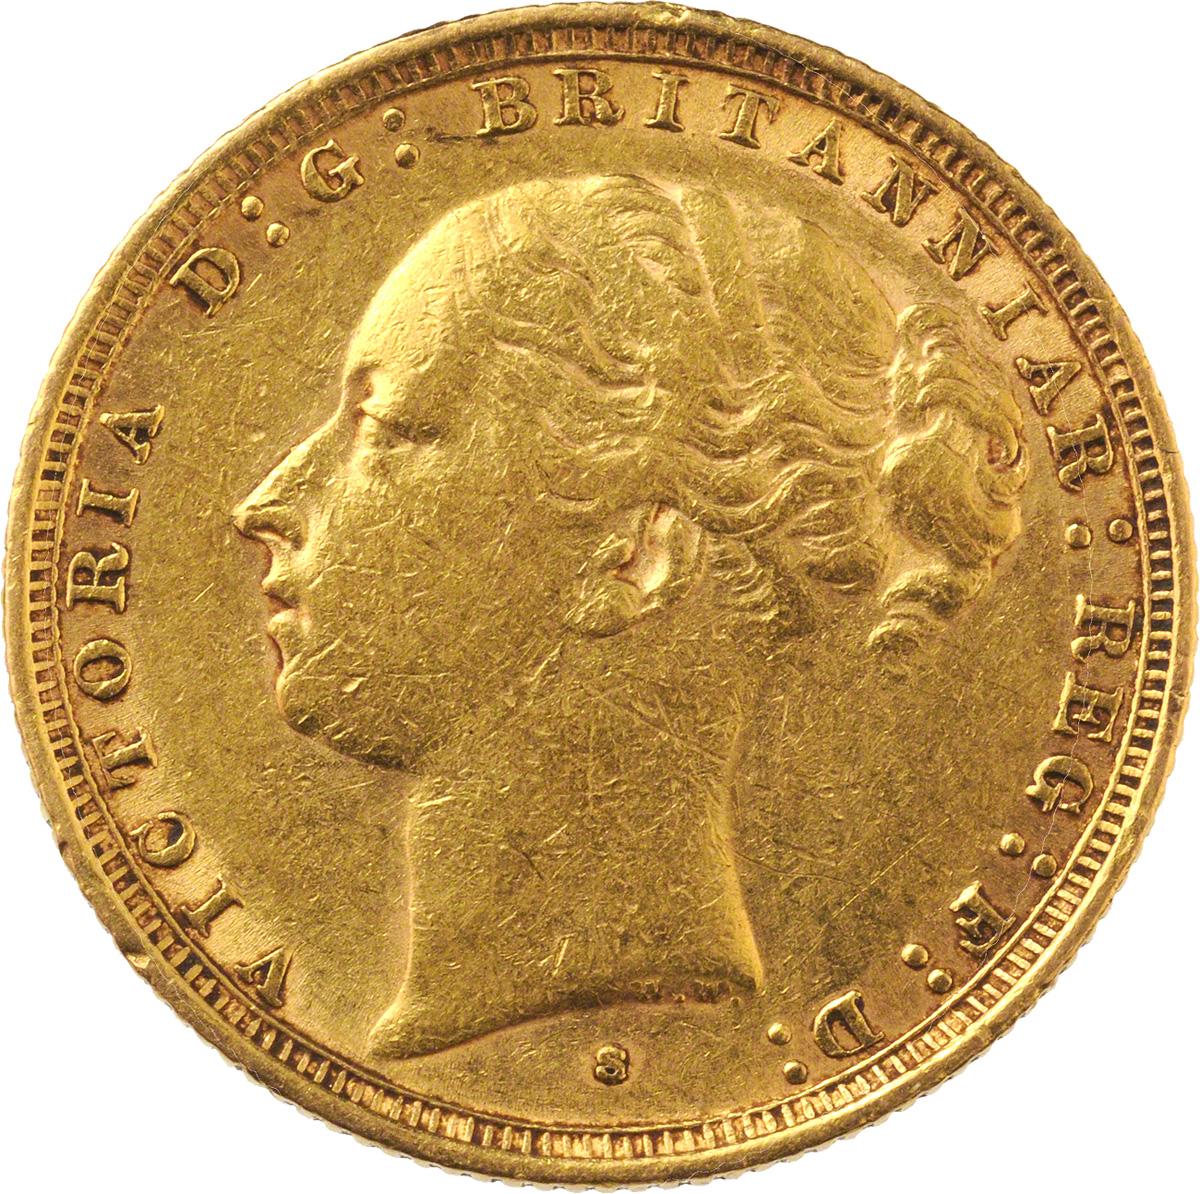 1885 Βικτώρια (Νομισματοκοπείο Σίδνεϊ)